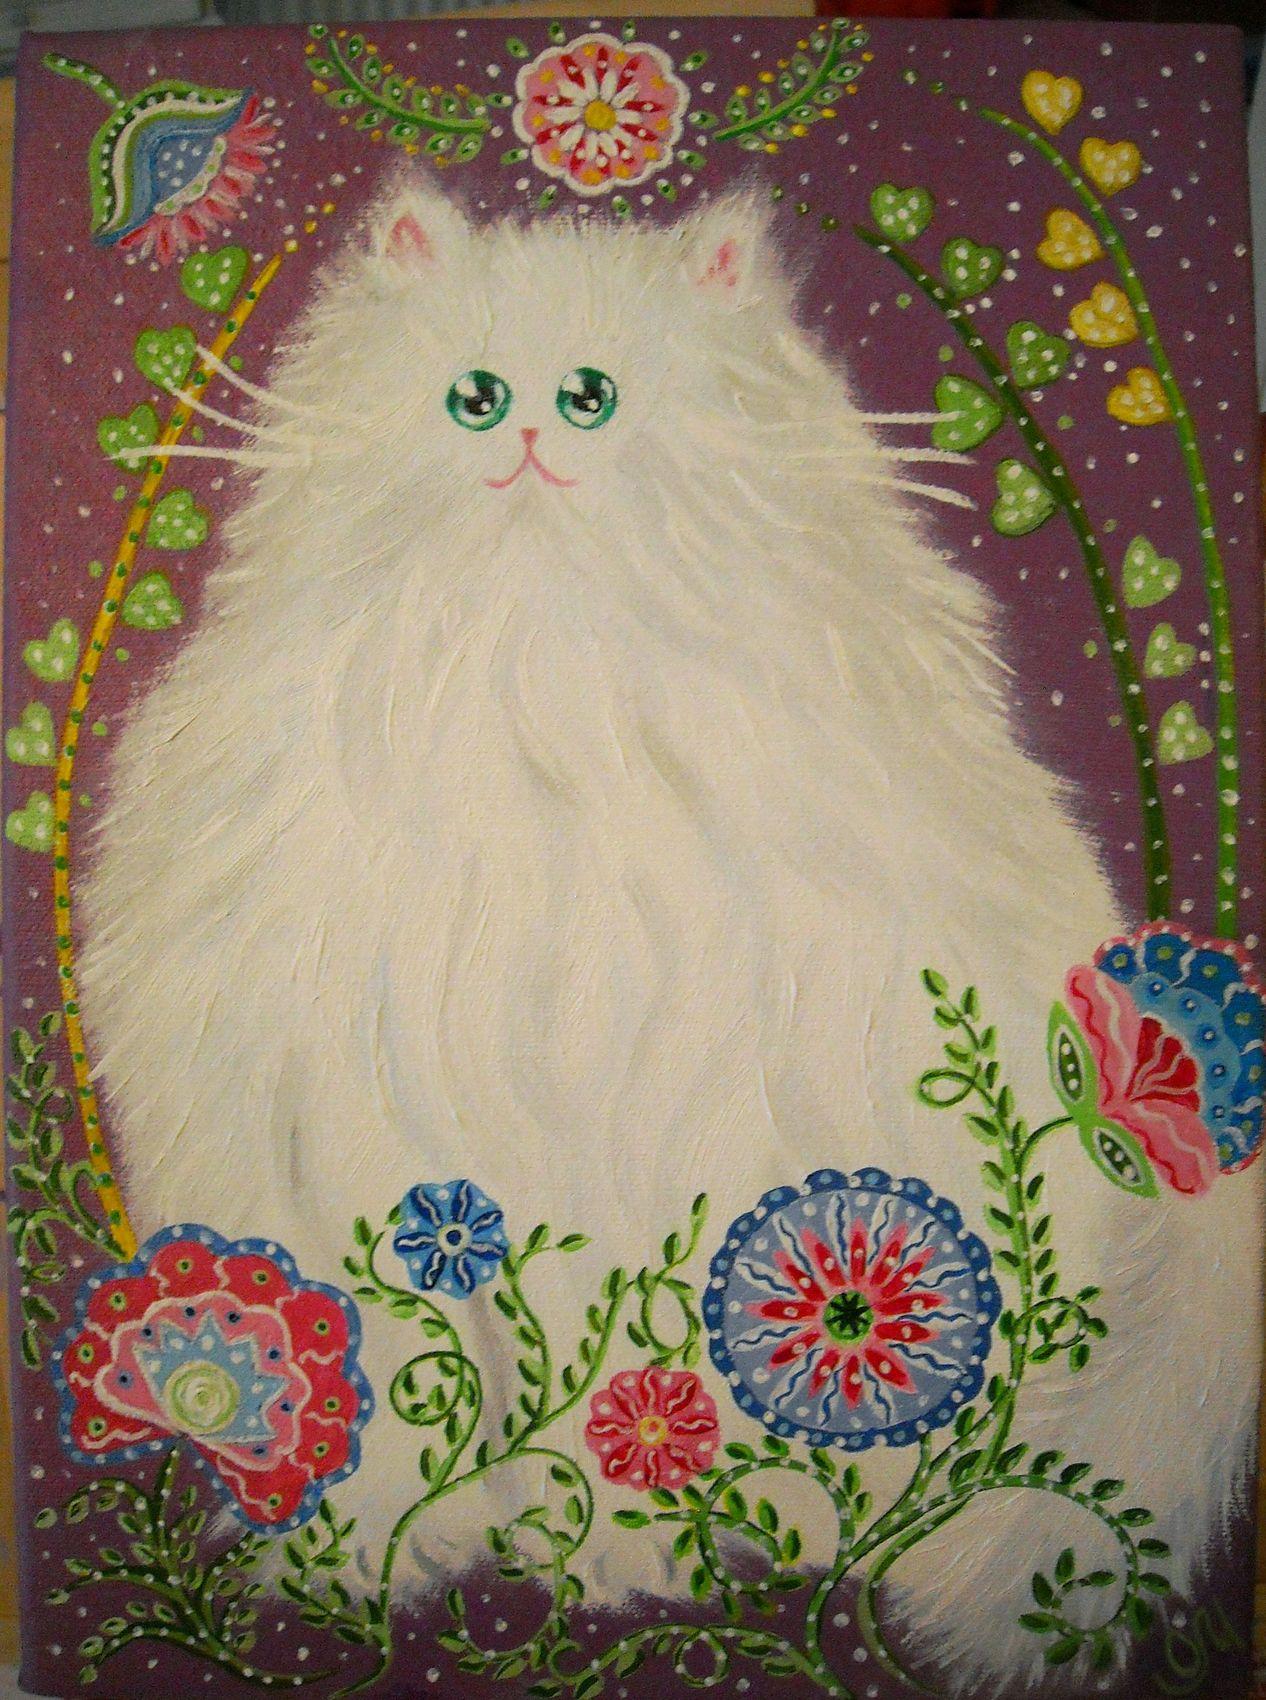 Peinture peinture l 39 huile et acrylique chat blanc aux fleurs sur toile - Idee de peinture sur toile facile ...